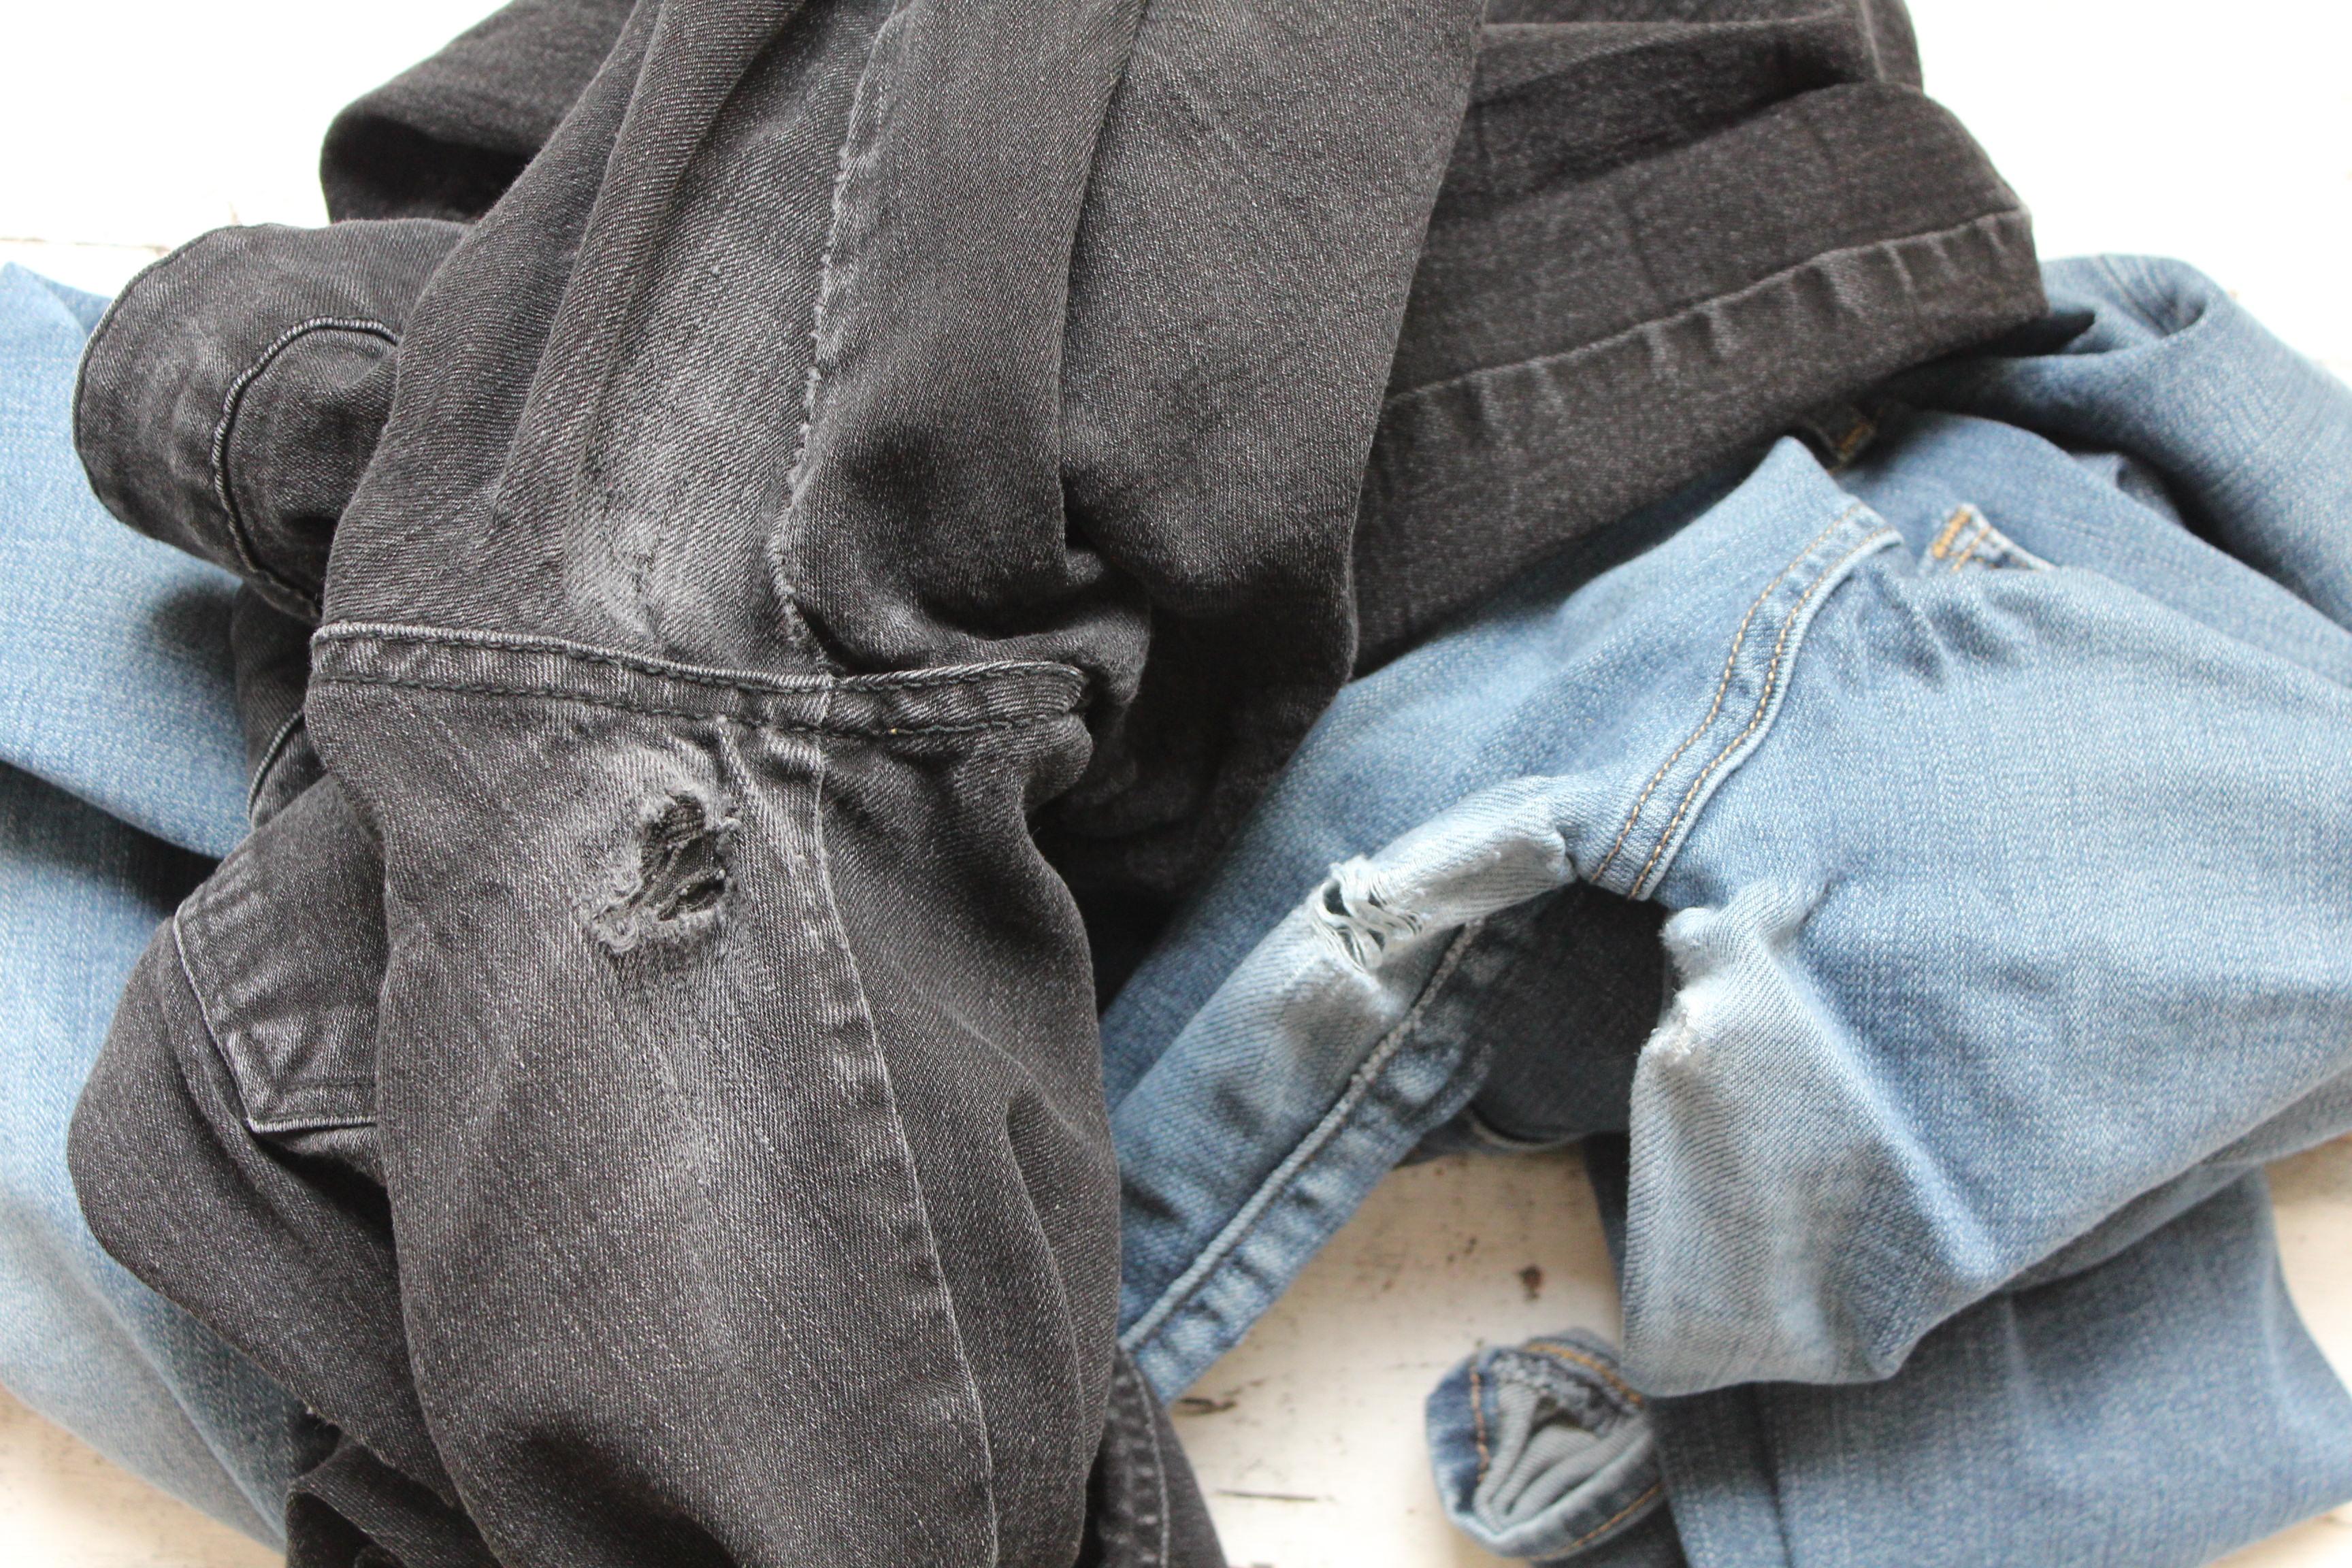 Comment Trouer Un Jean Elegant Jeans With Comment Trouer